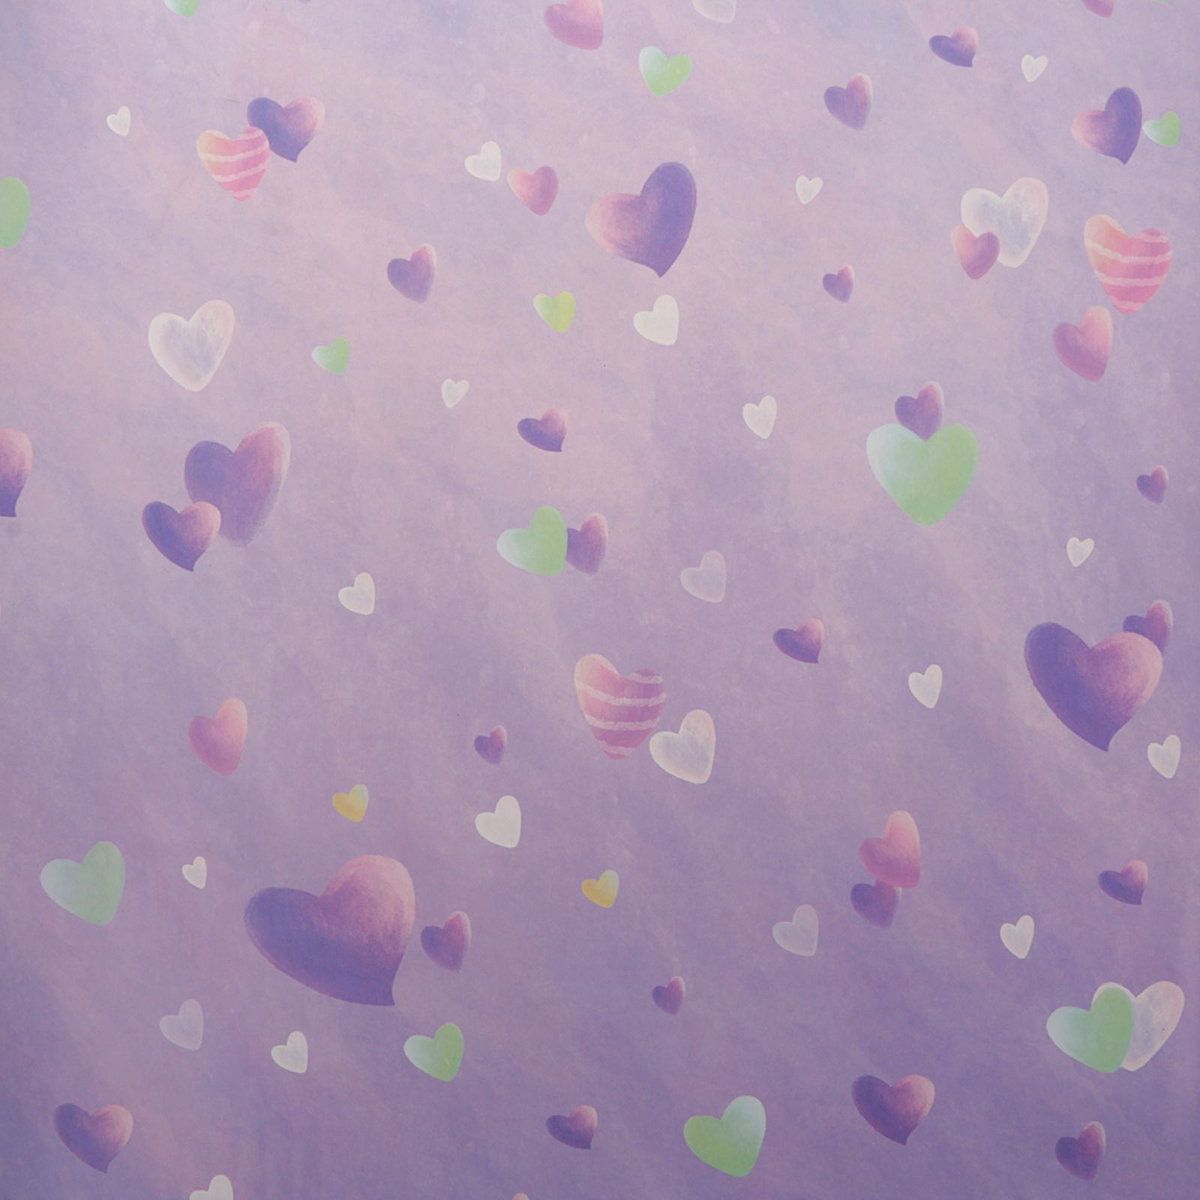 Бумага упаковочная Фиолетовые сердечки, глянцевая, 50 х 70 см. 24797392479739Любой подарок начинается с упаковки. Что может быть трогательнее и волшебнее, чем ритуал разворачивания полученного презента. И именно оригинальная, со вкусом выбранная упаковка выделит ваш подарок из массы других. Она продемонстрирует самые тёплые чувства к виновнику торжества и создаст сказочную атмосферу праздника. Бумага упаковочная глянцевая Фиолетовые сердечки, 50 х 70 см — это то, что вы искали.